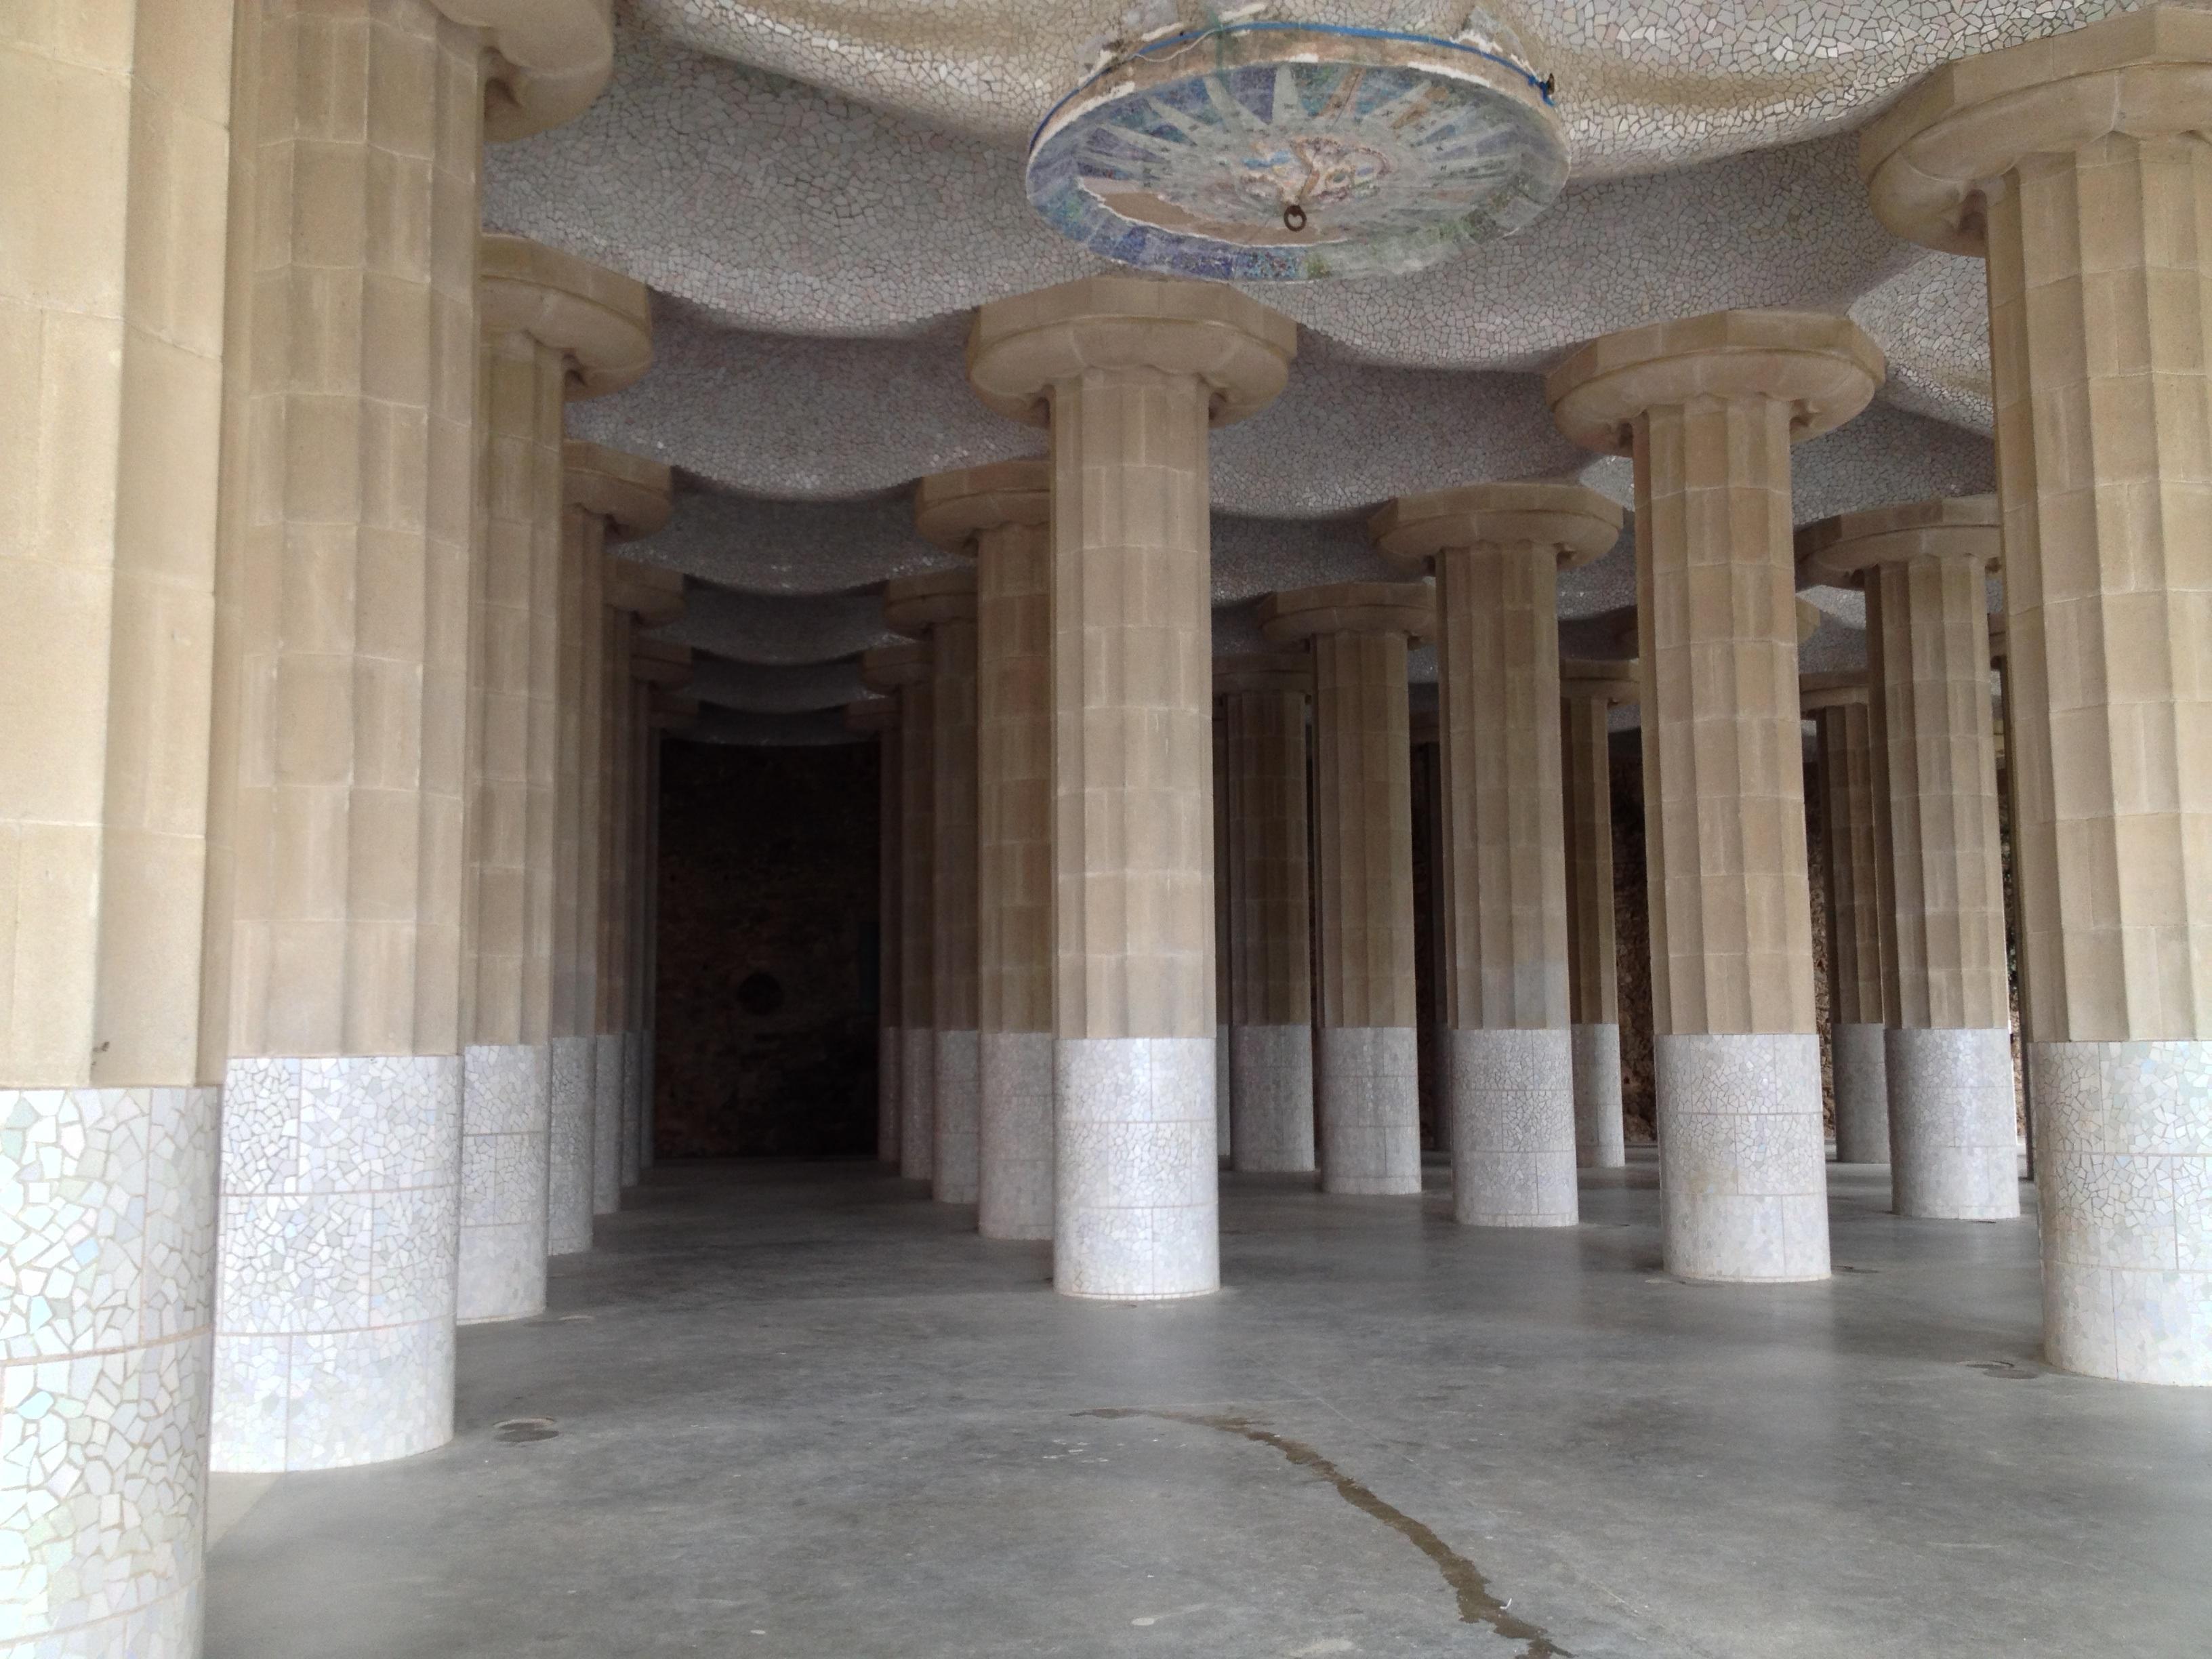 Innenarchitektur Geschichte kostenlose foto die architektur struktur gebäude palast bogen